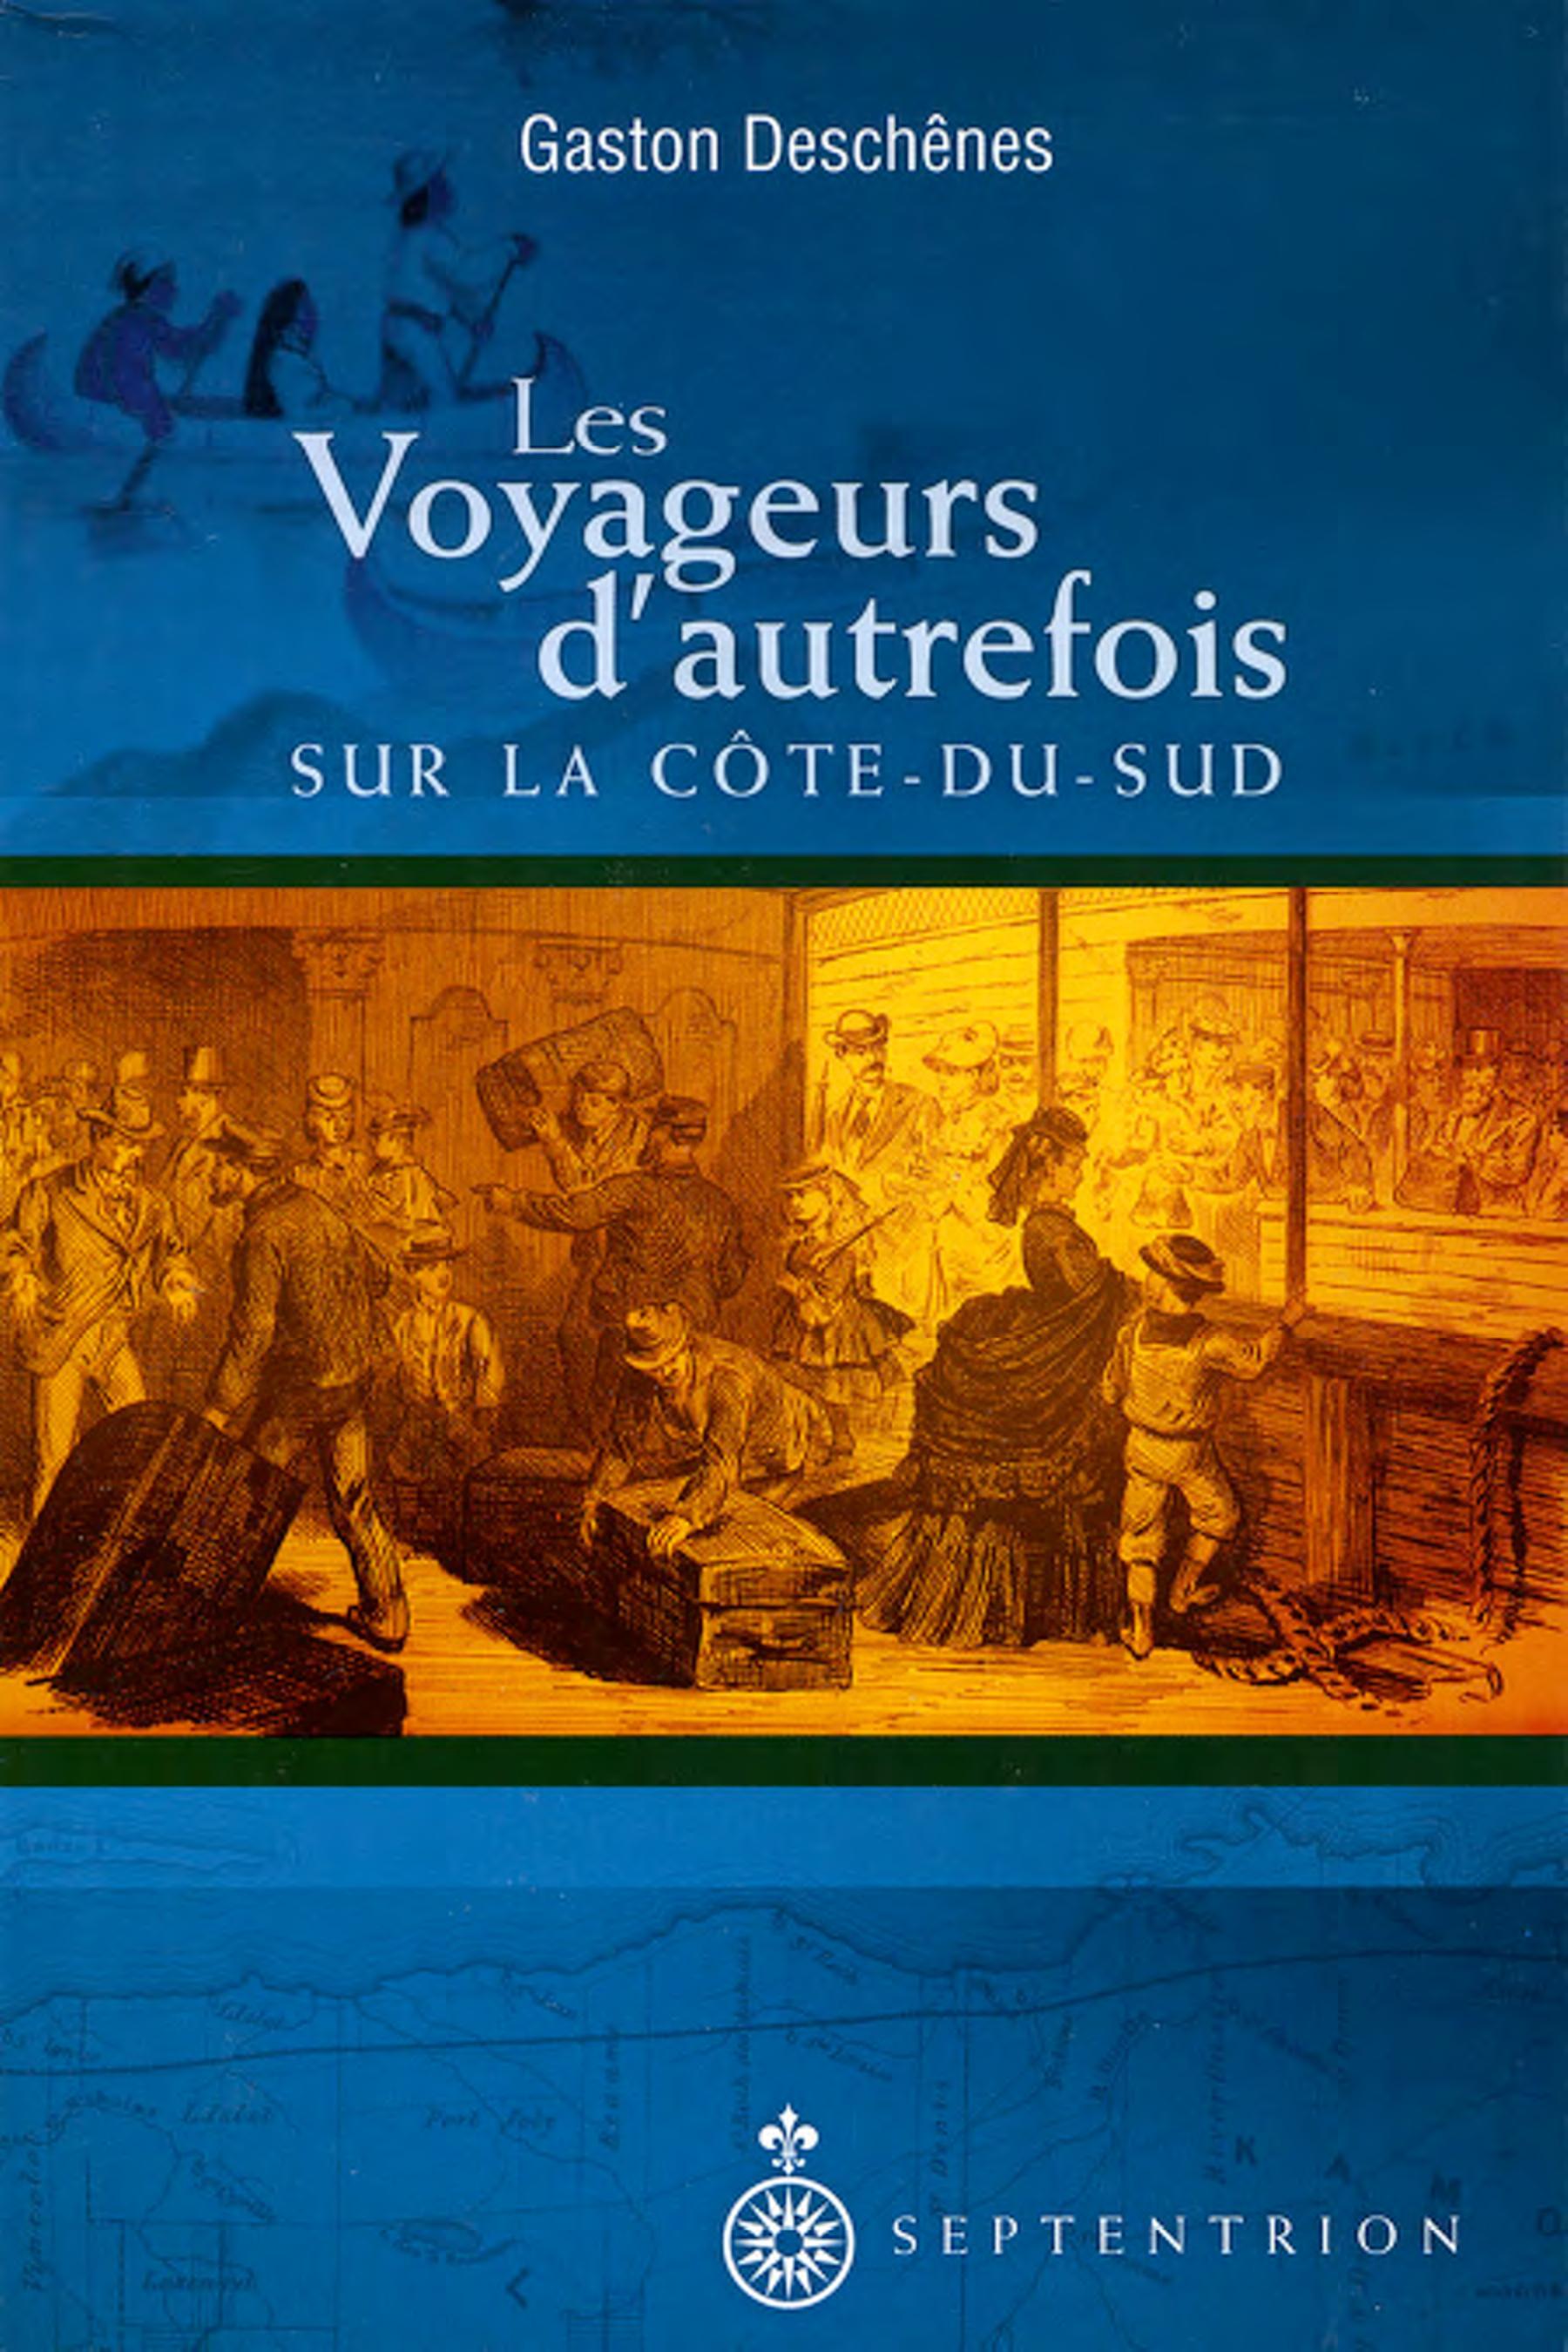 Les Voyageurs d'autrefois sur la Côte-du-Sud